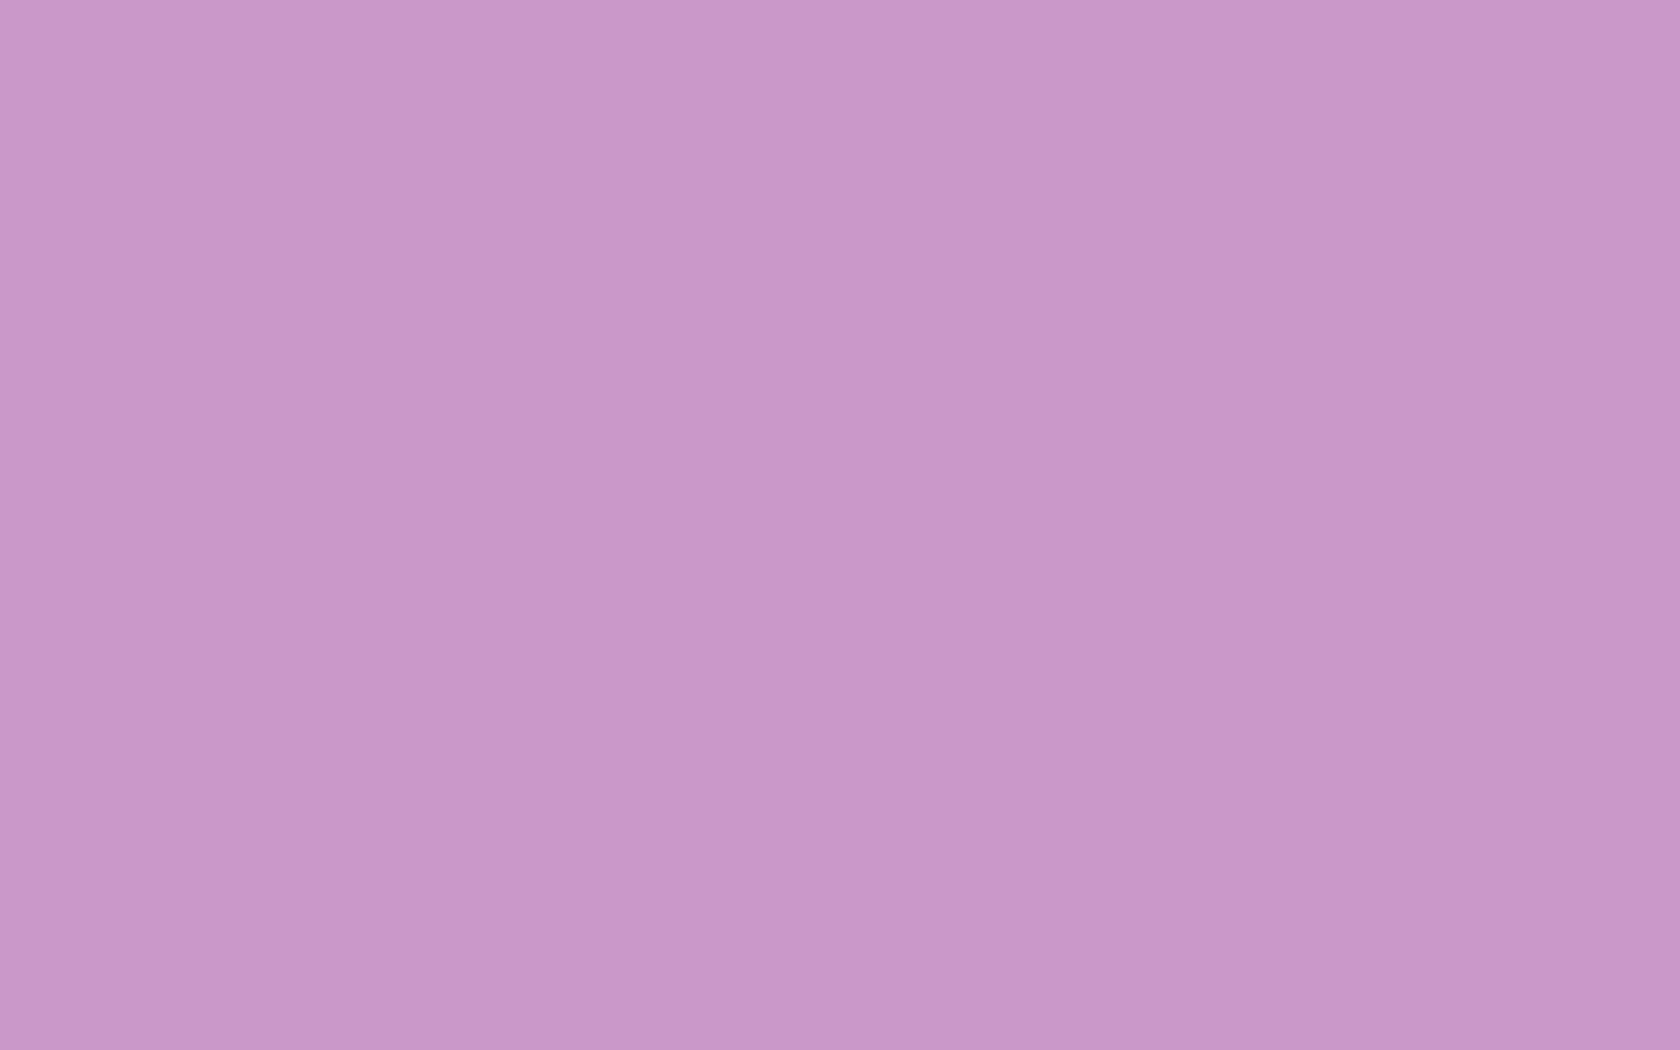 1680x1050 Pastel Violet Solid Color Background